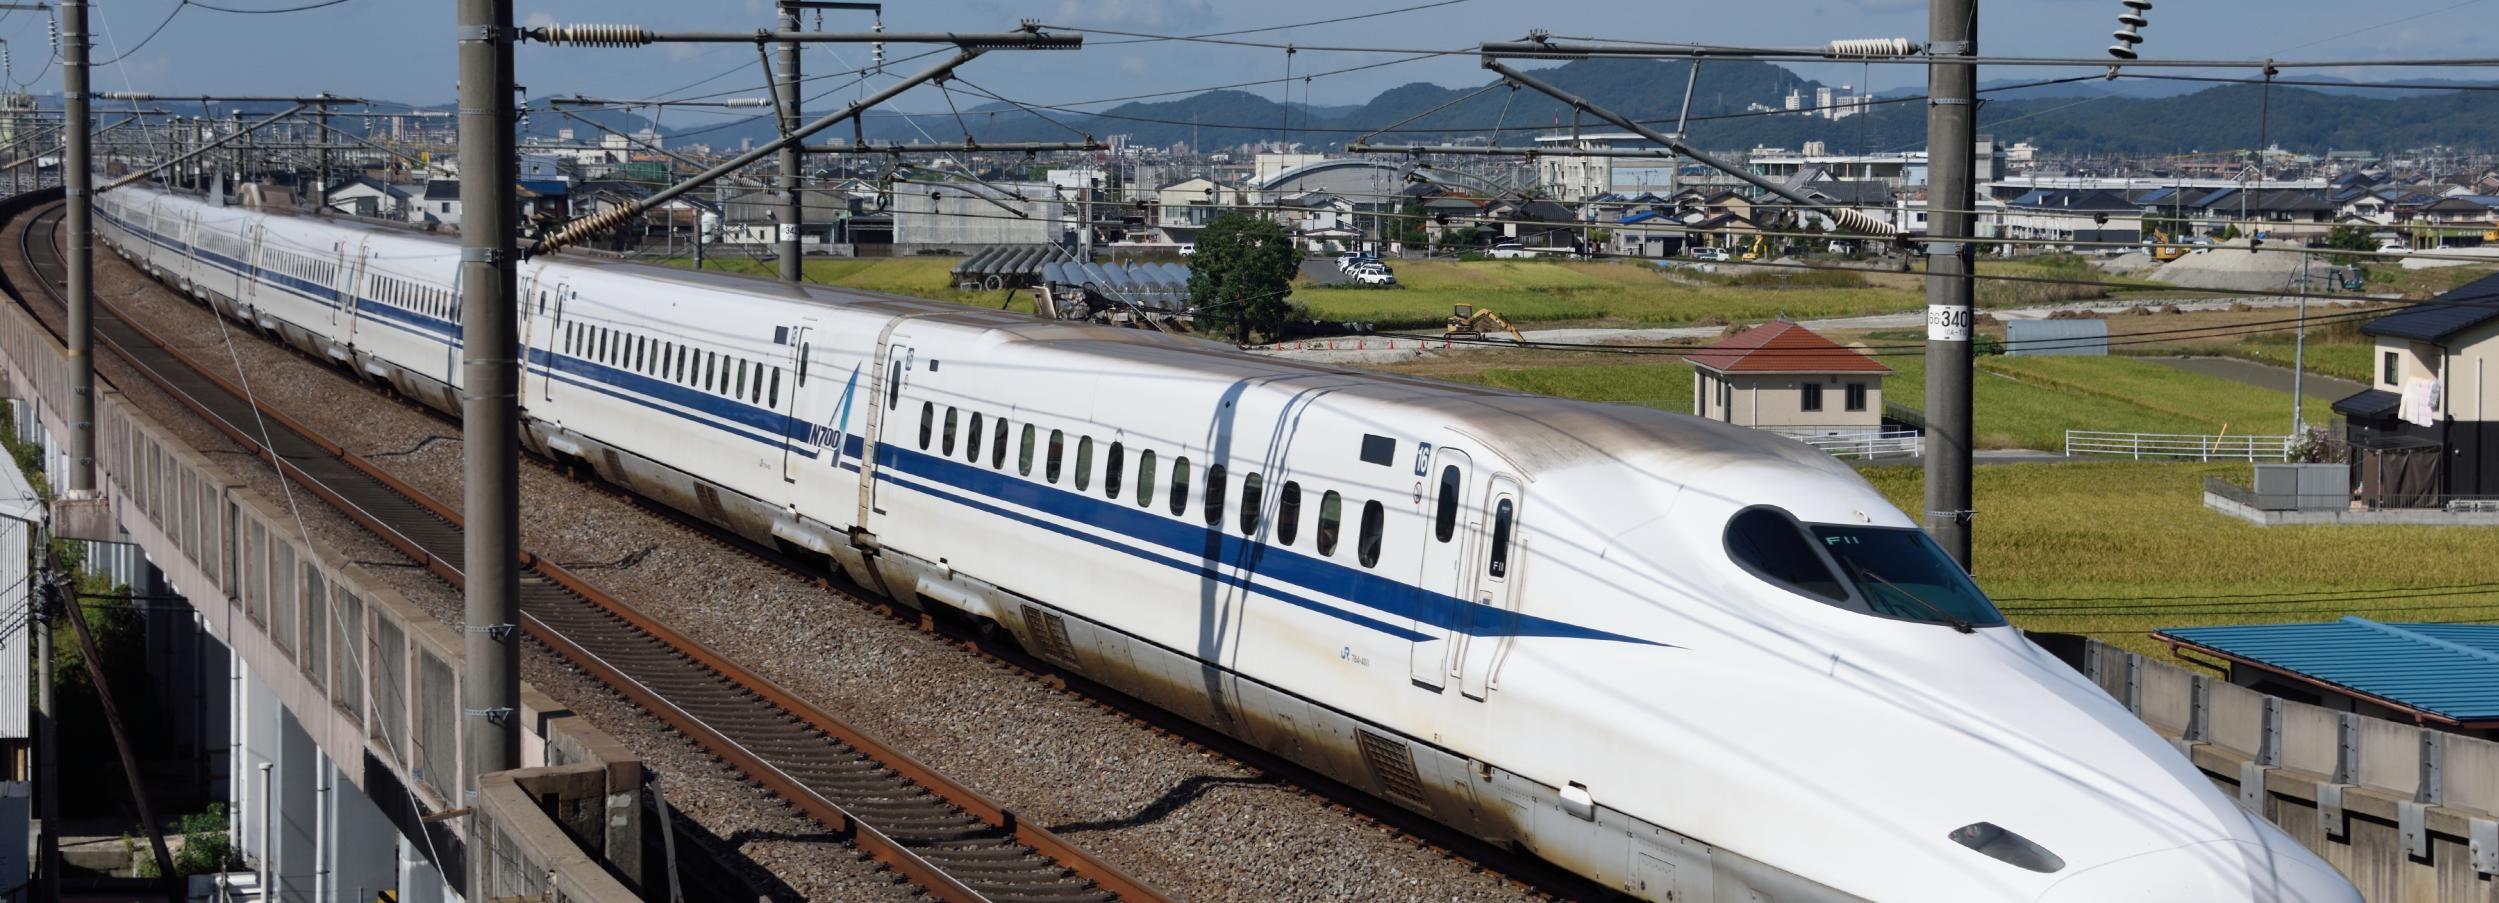 Westjapan: 7-Tage-Pass für das Eisenbahngebiet